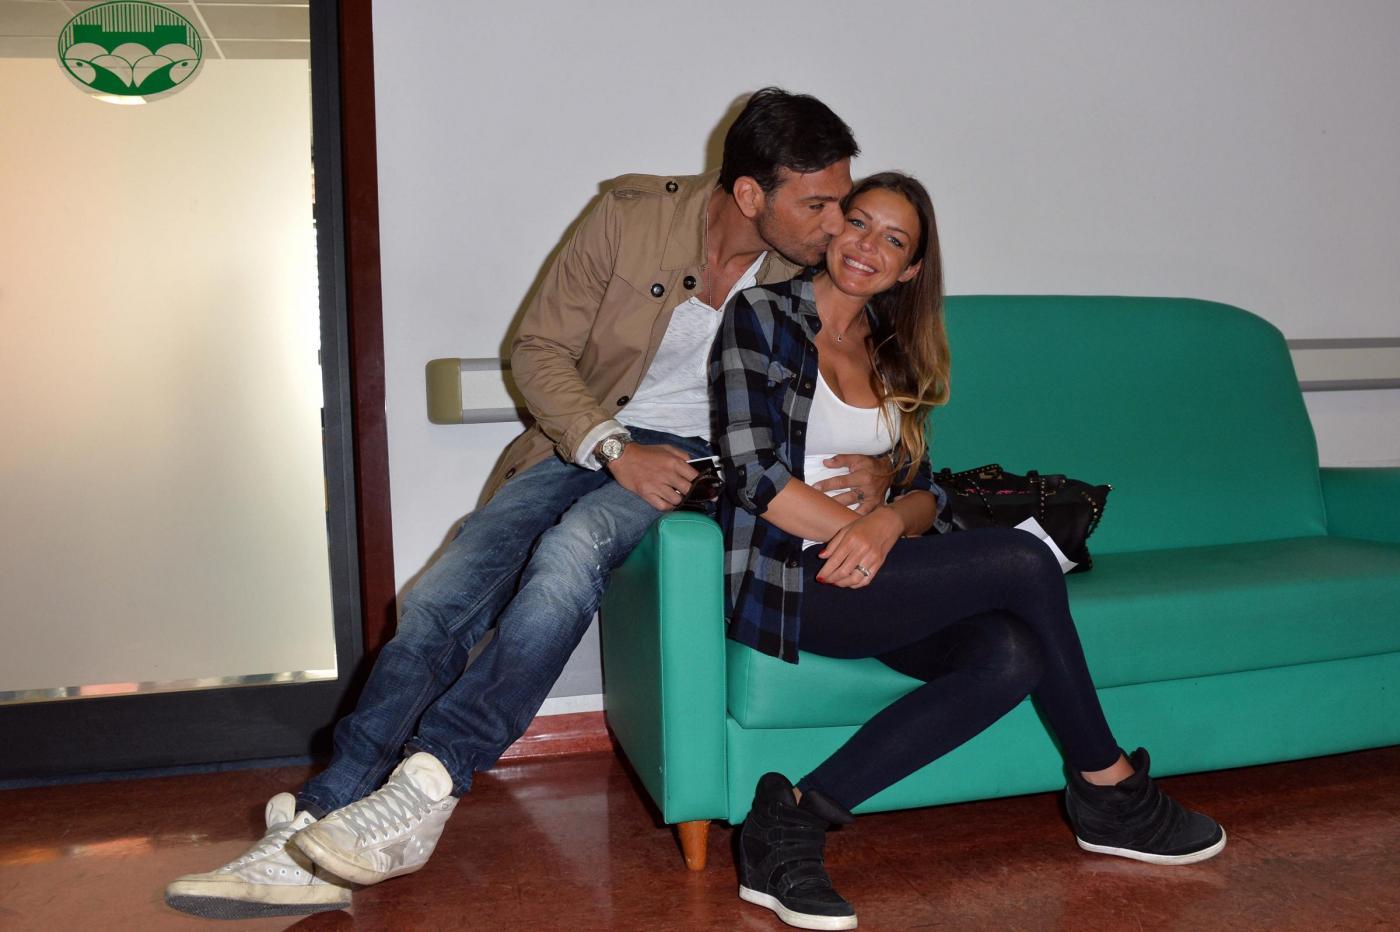 """Costantino Vitagliano e la fidanzata Elisa Mariani Guest d'eccezione presso """"Auditorium Fondazione Castellini Onlus"""""""